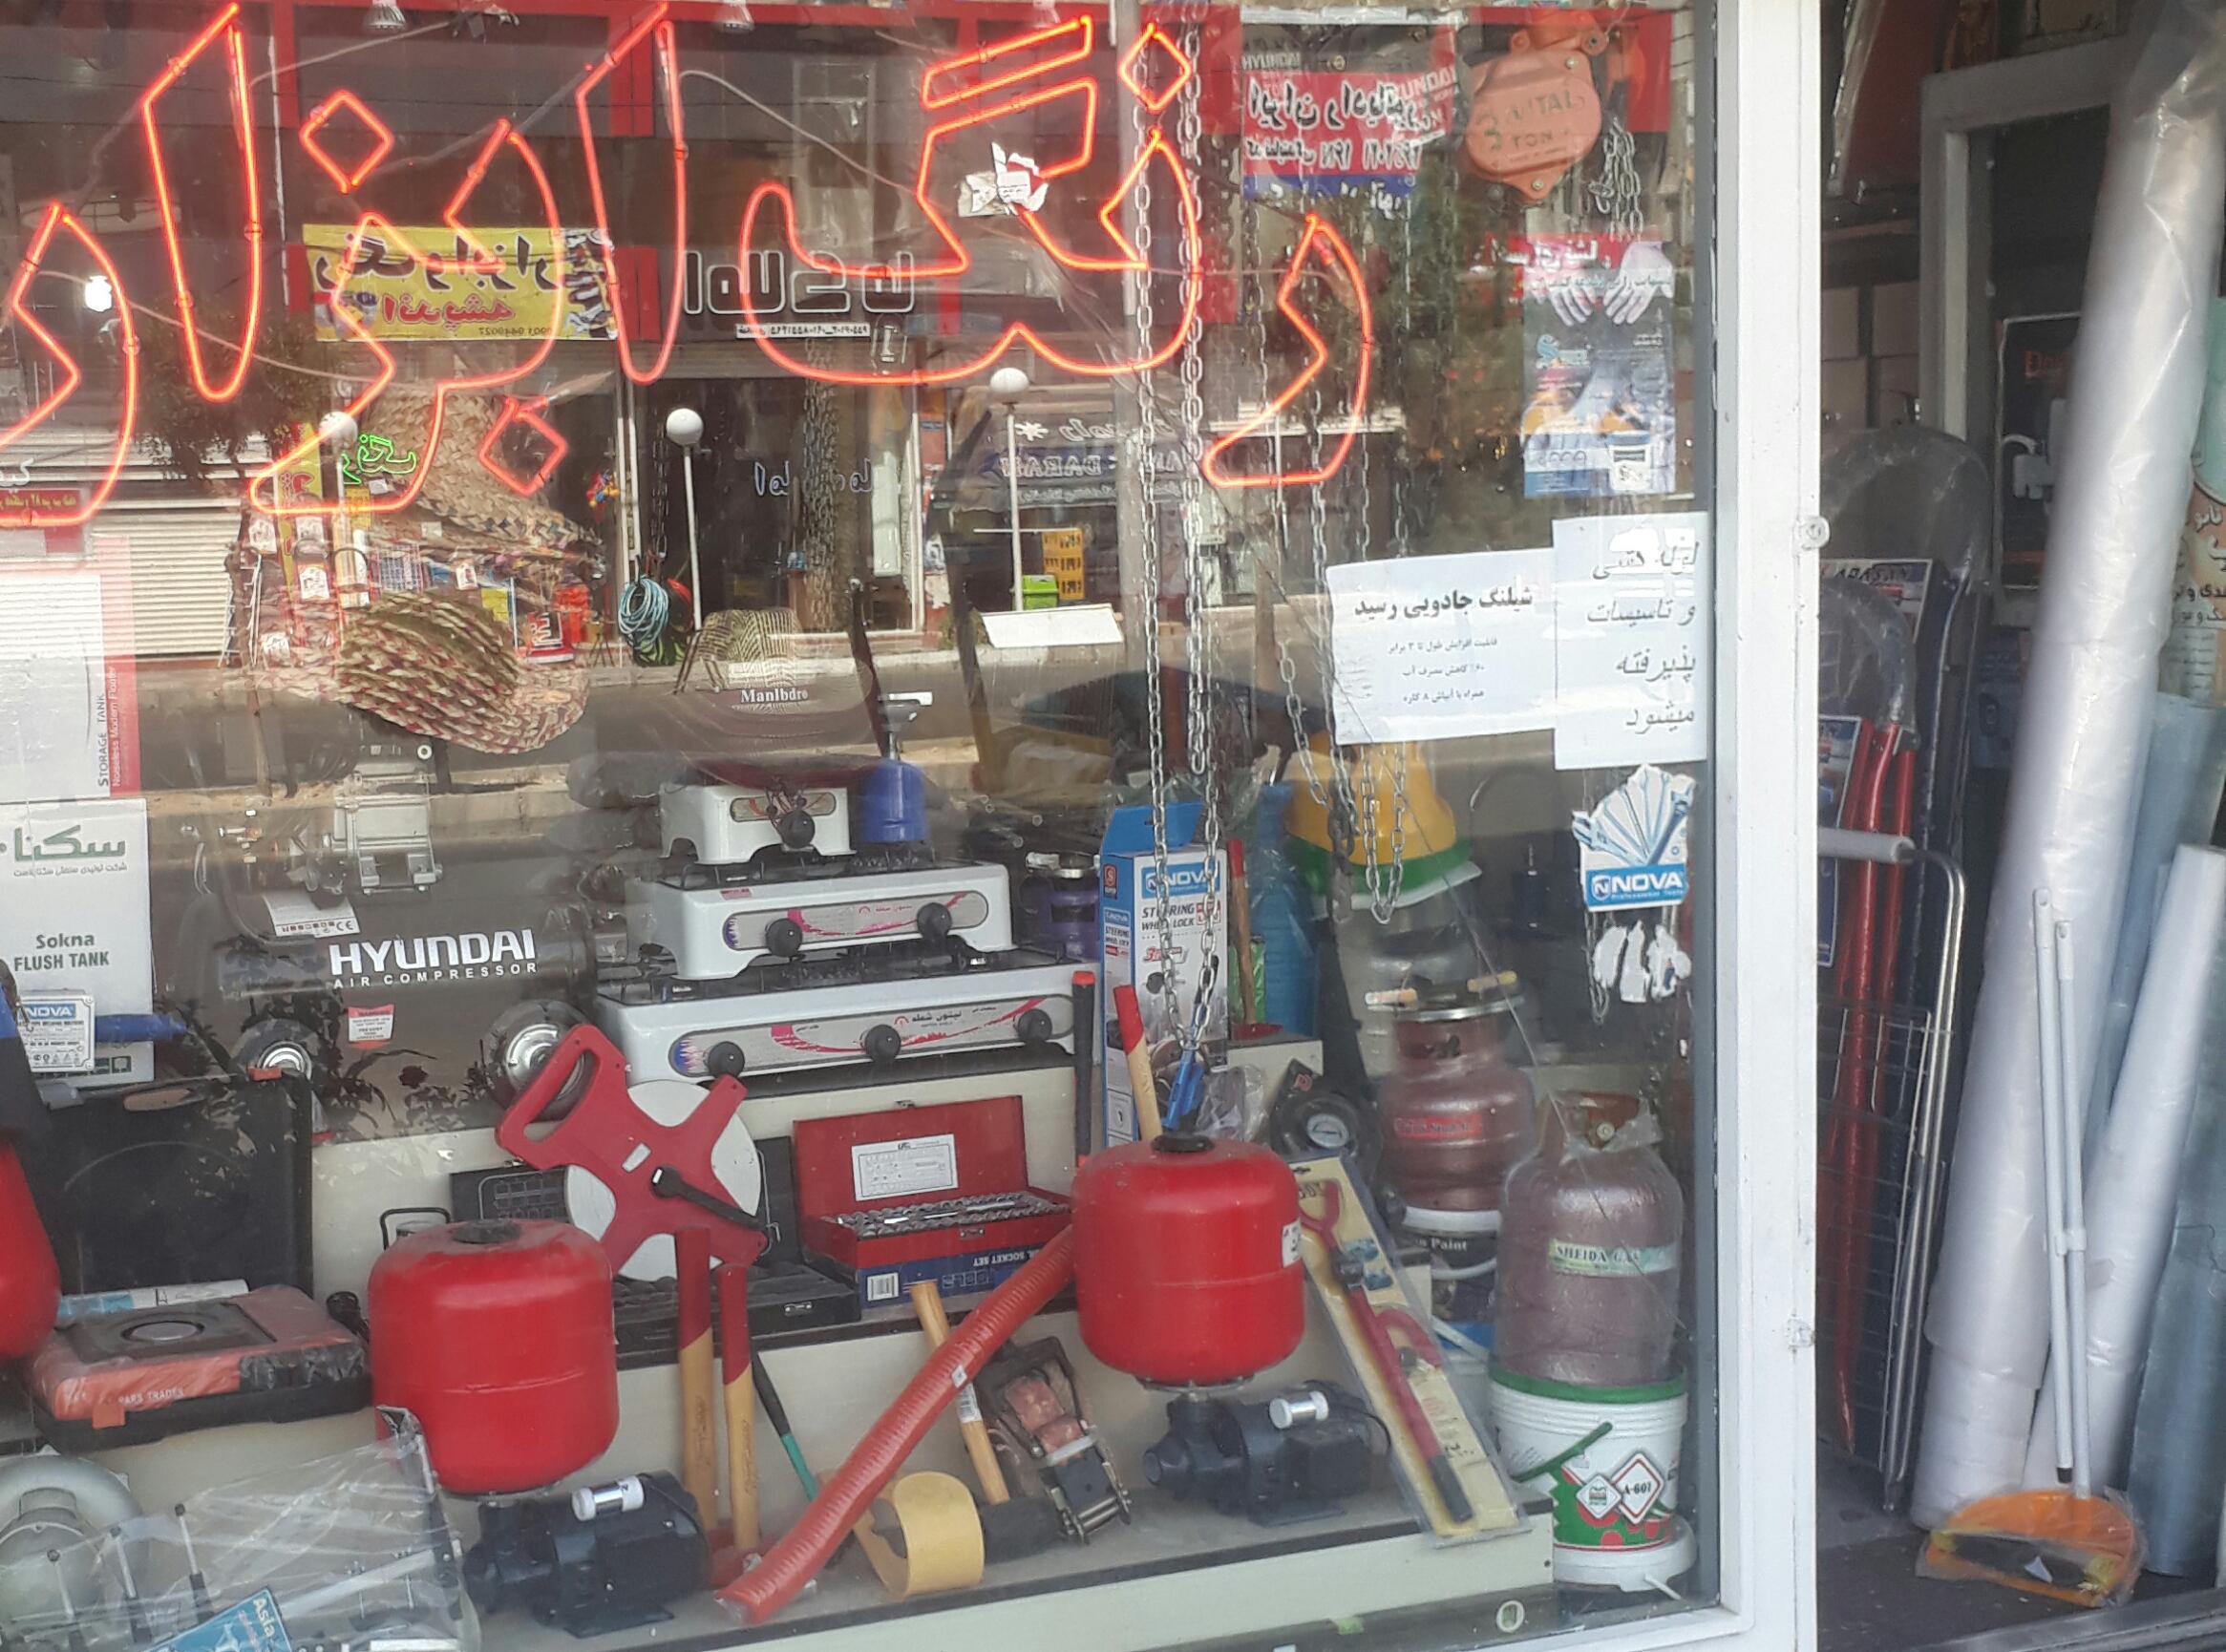 فروش مغازه بحر طالقانی در همه متراژ